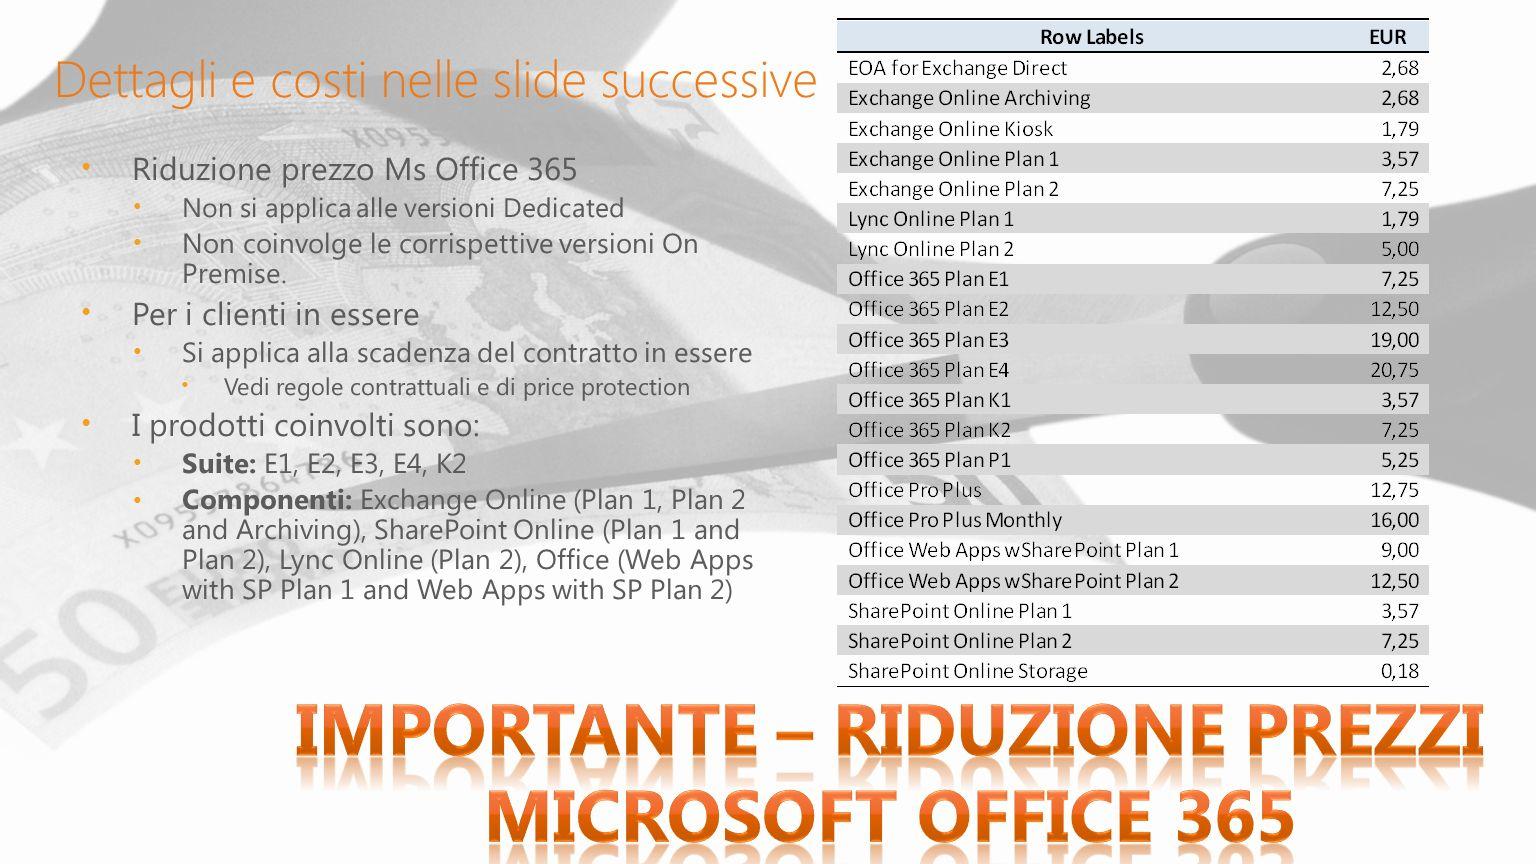 Dettagli e costi nelle slide successive Riduzione prezzo Ms Office 365 Non si applica alle versioni Dedicated Non coinvolge le corrispettive versioni On Premise.